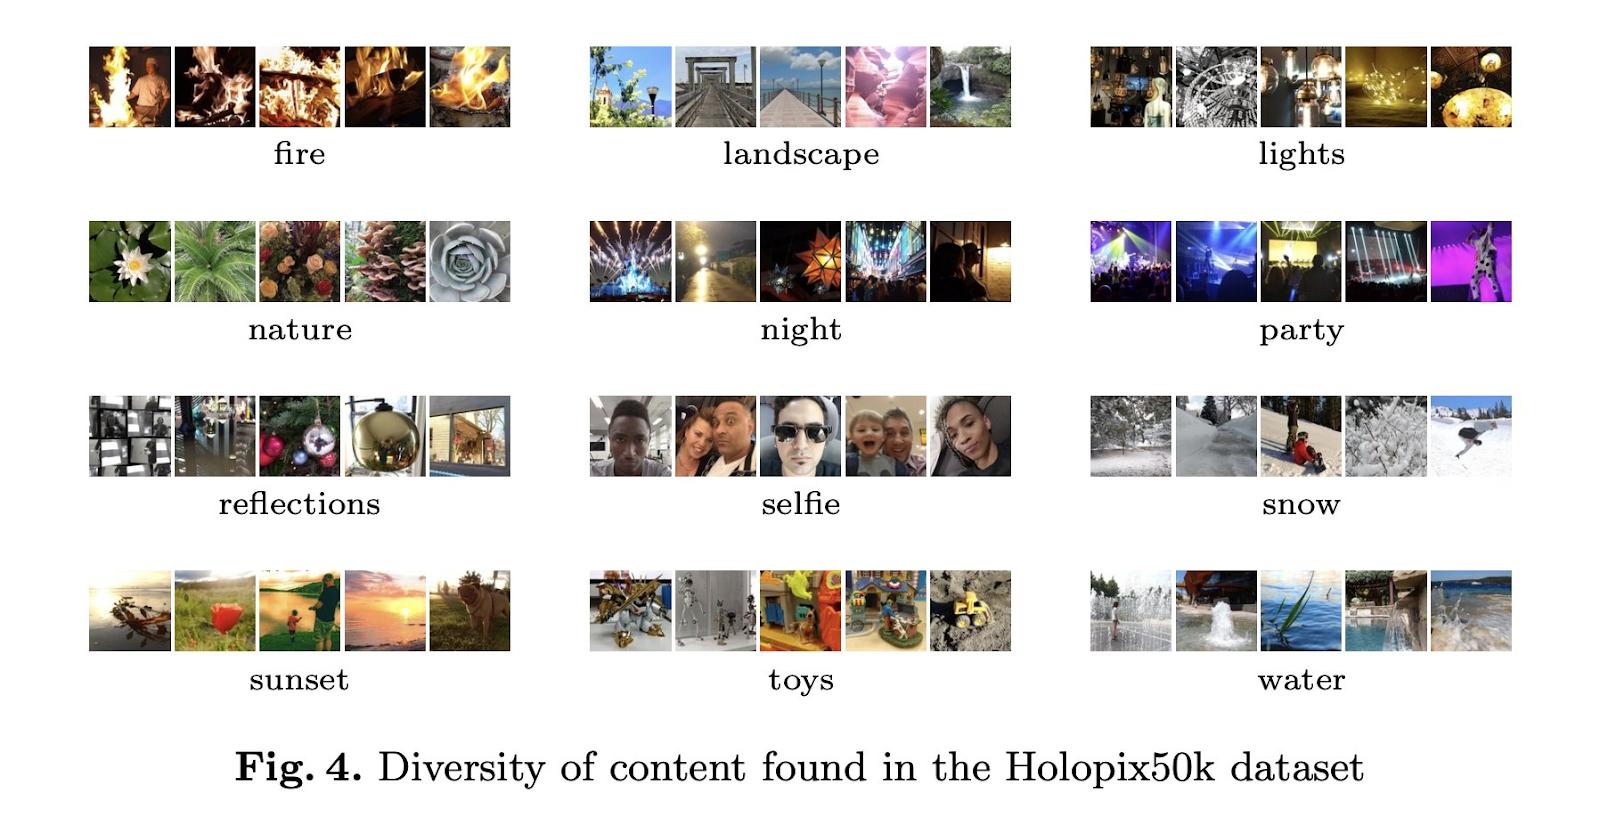 Holopix50k dataset images